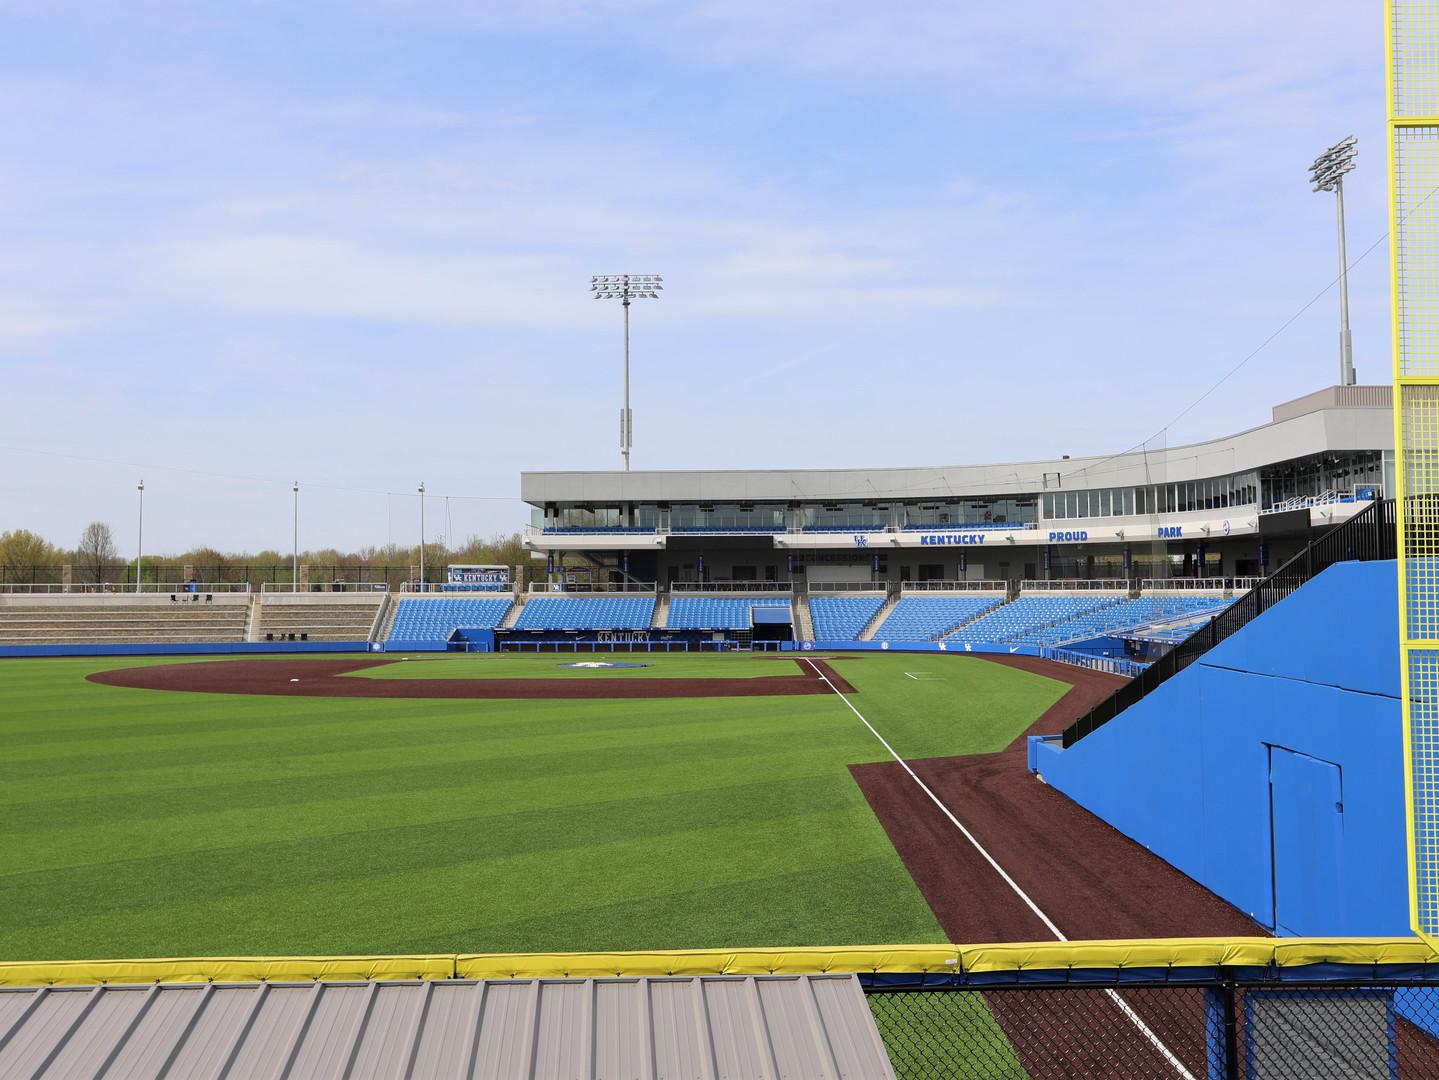 UK Baseball Stadium (21).JPG